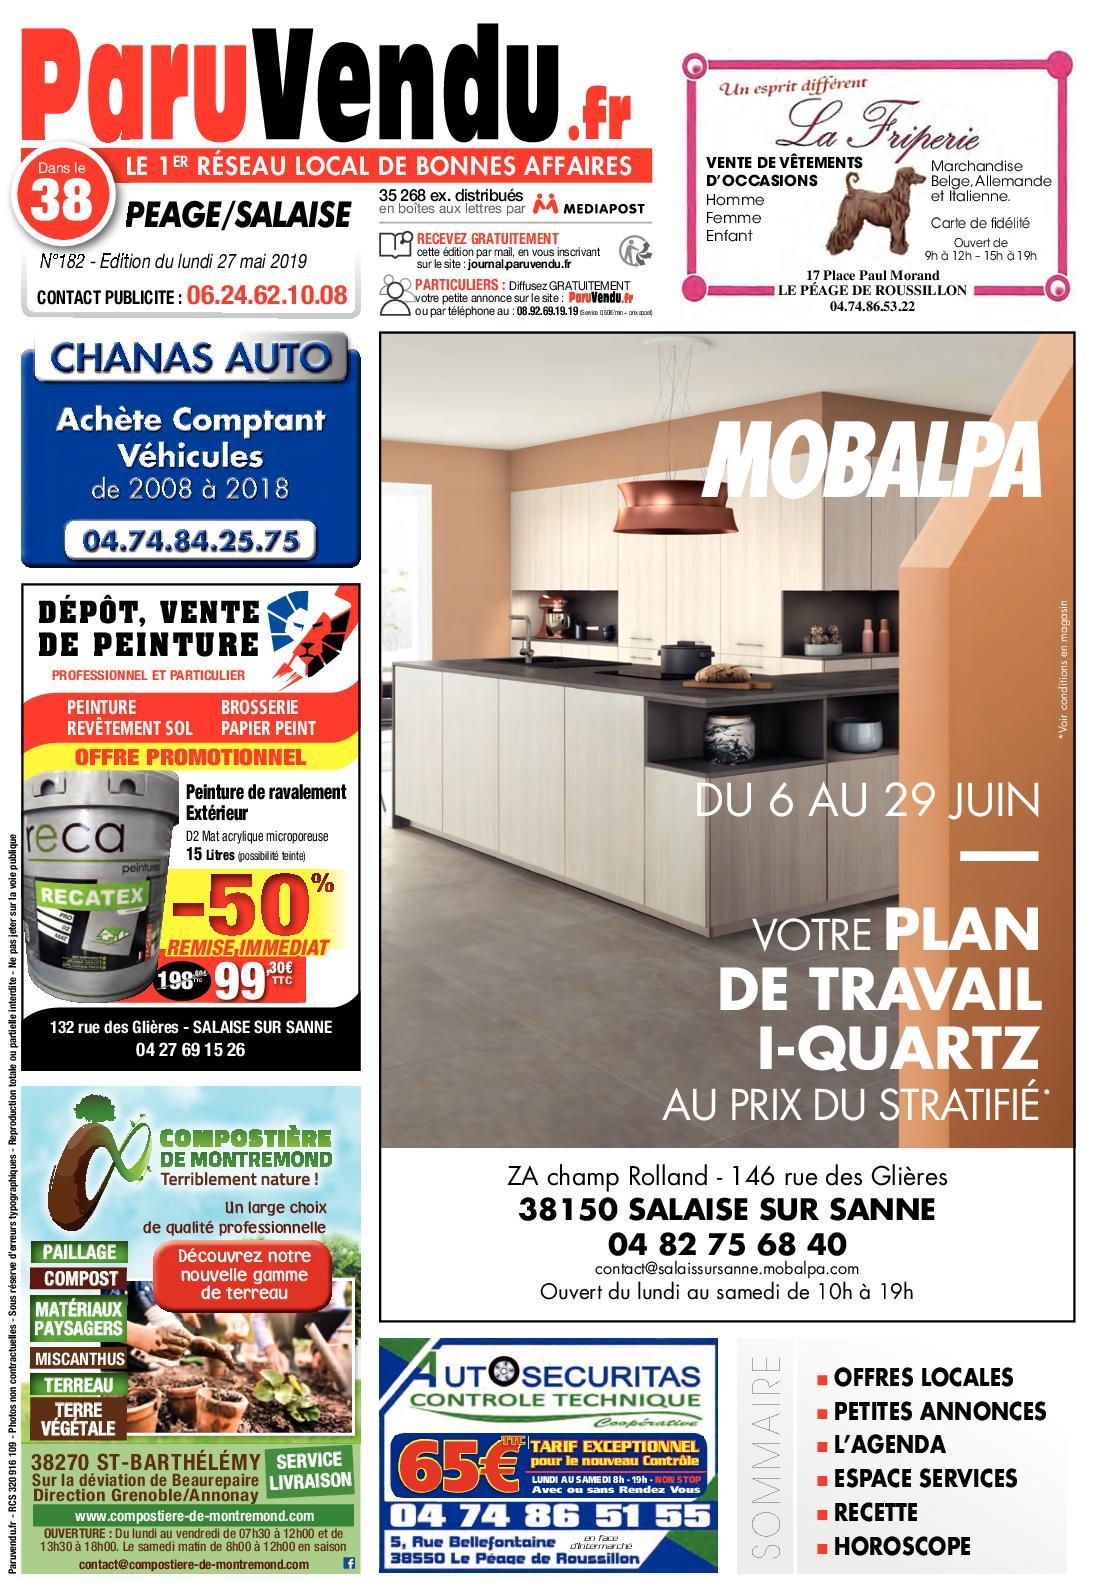 Calaméo - Paruvendu.fr Peage-Salaise N°182 concernant Cash Piscine Bourg De Peage